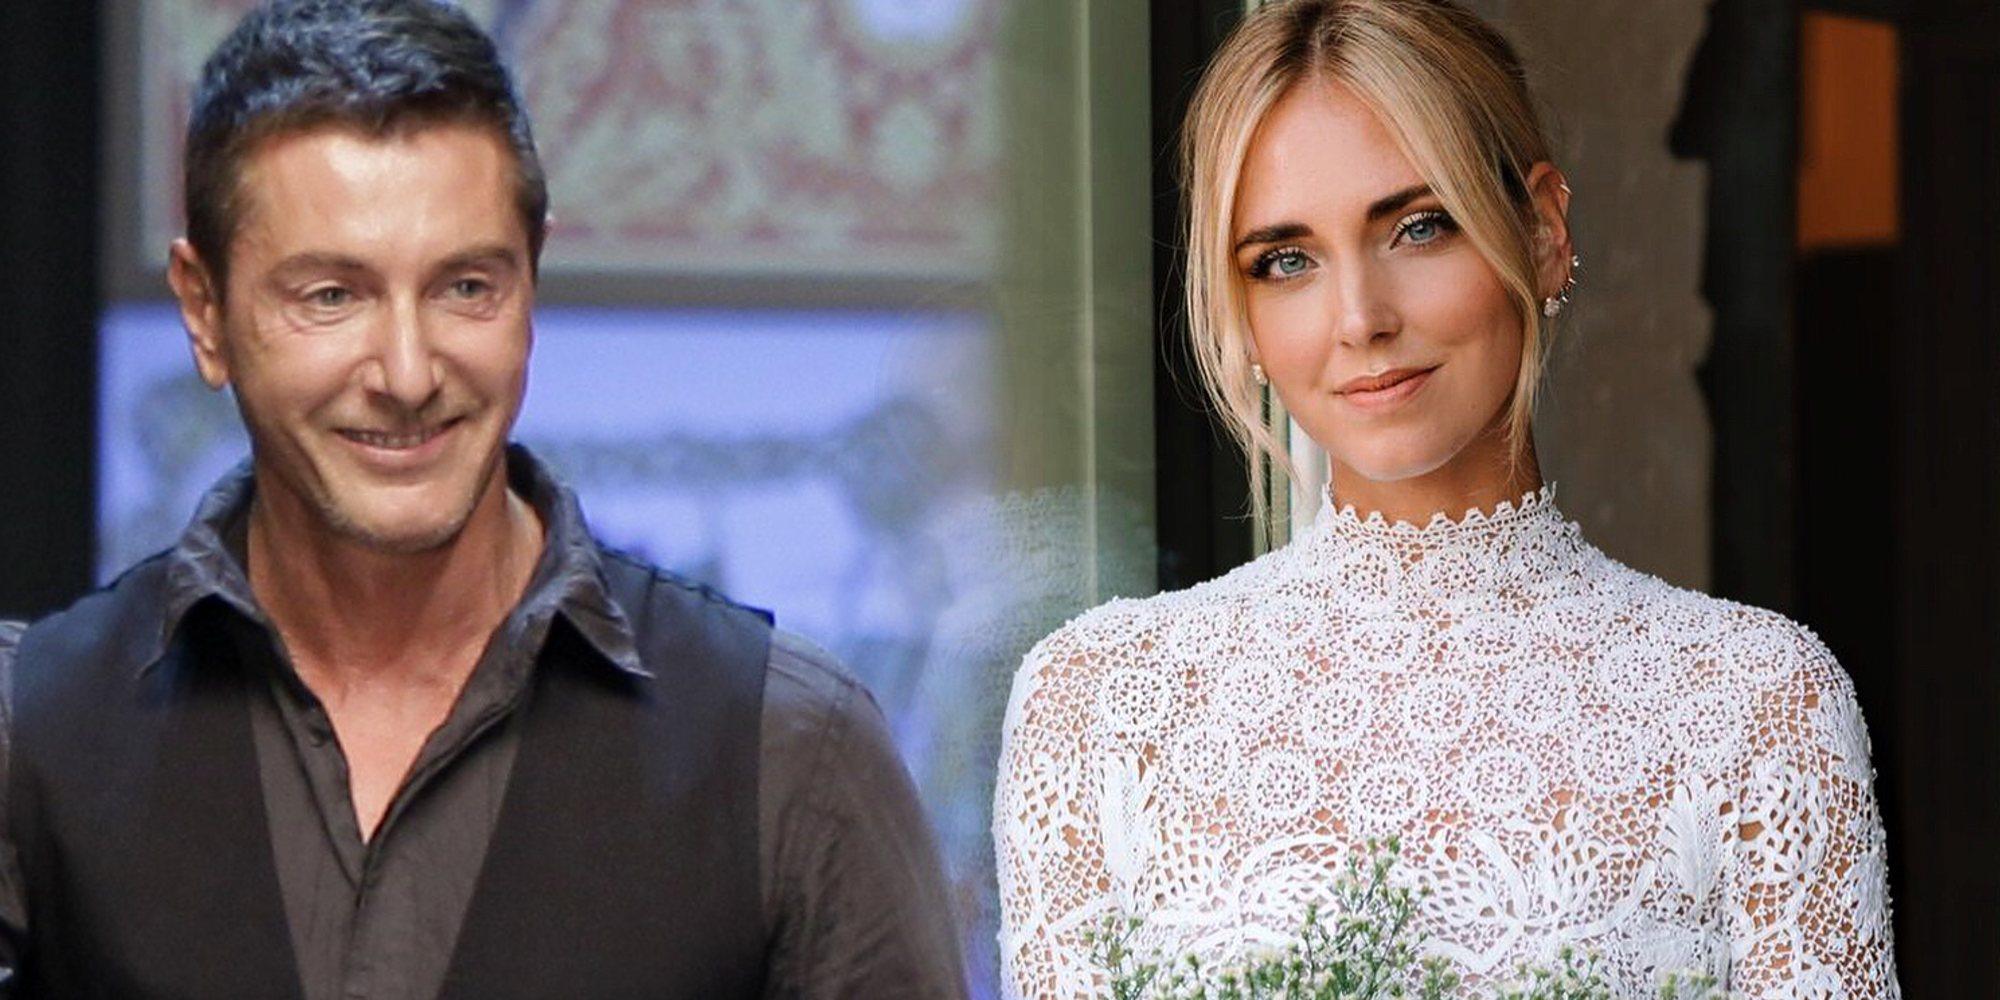 Stefano Gabbana vuelve a hablar más de la cuenta llamando 'baratija' al vestido de novia de Chiara Ferragni